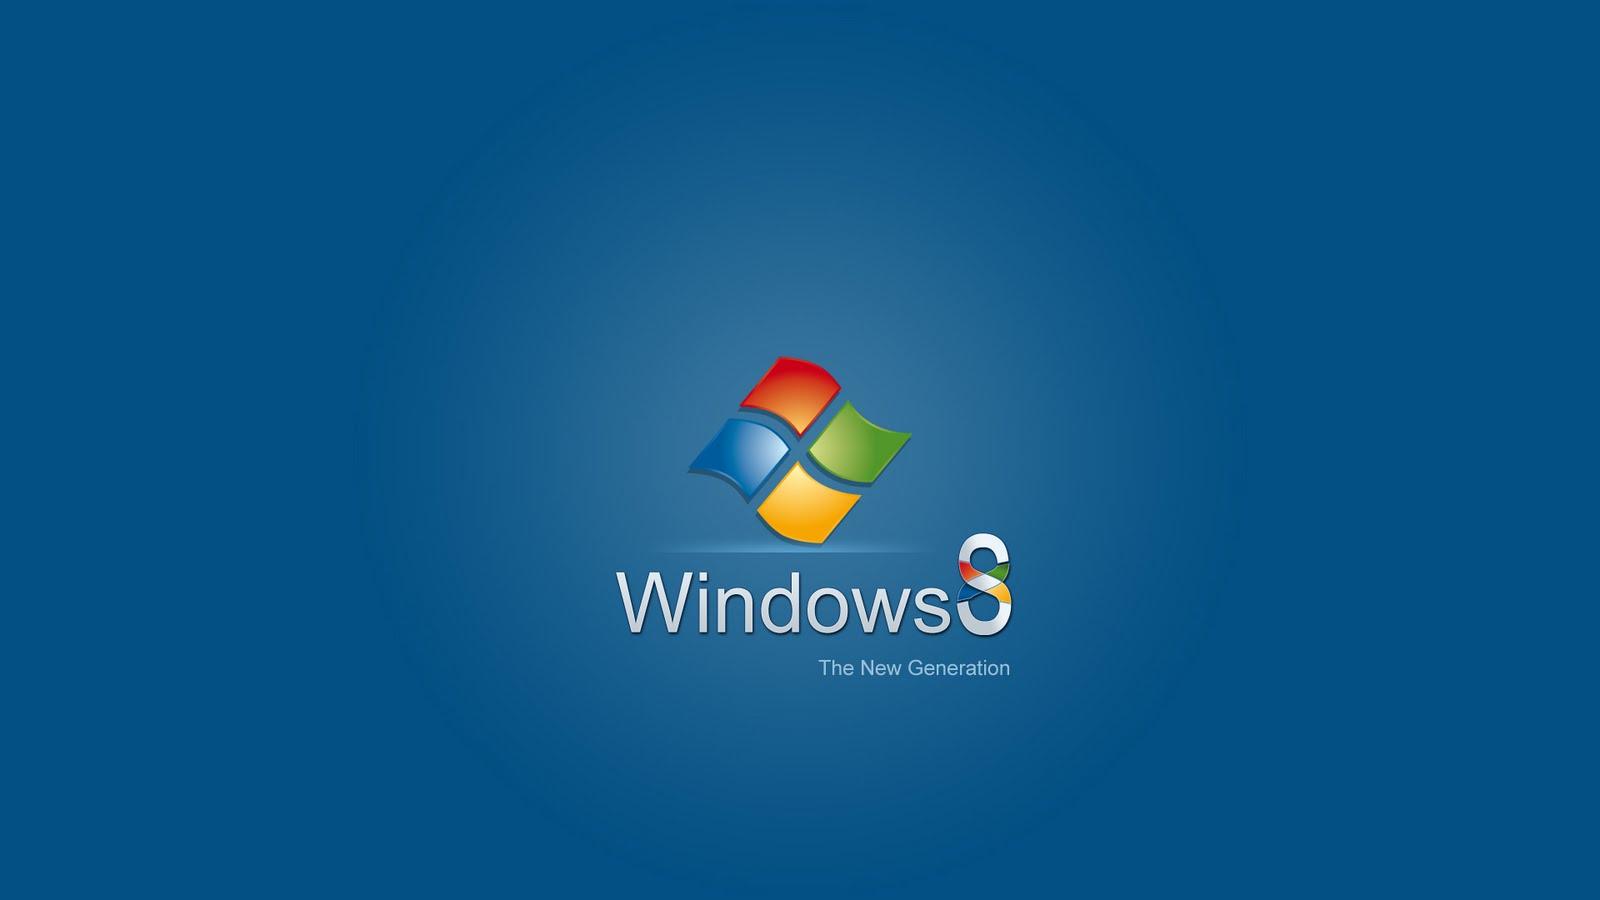 microsoft windows 8 hd wallpaper wallpaper full hd